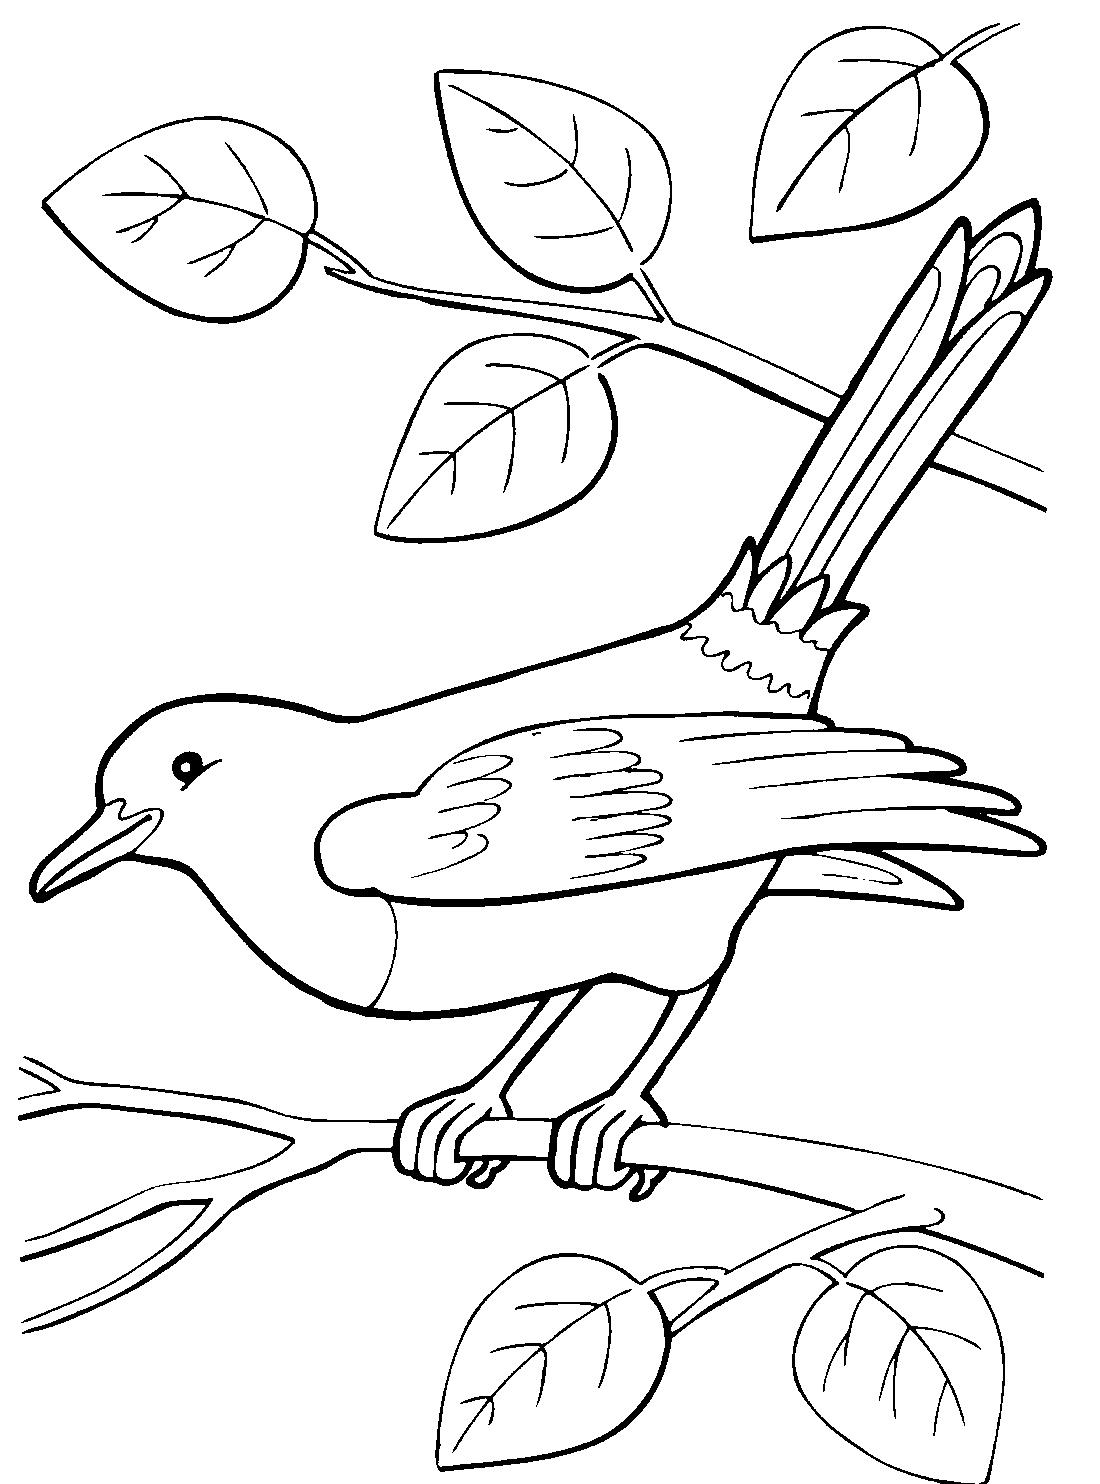 перелетные птицы печатать мытья